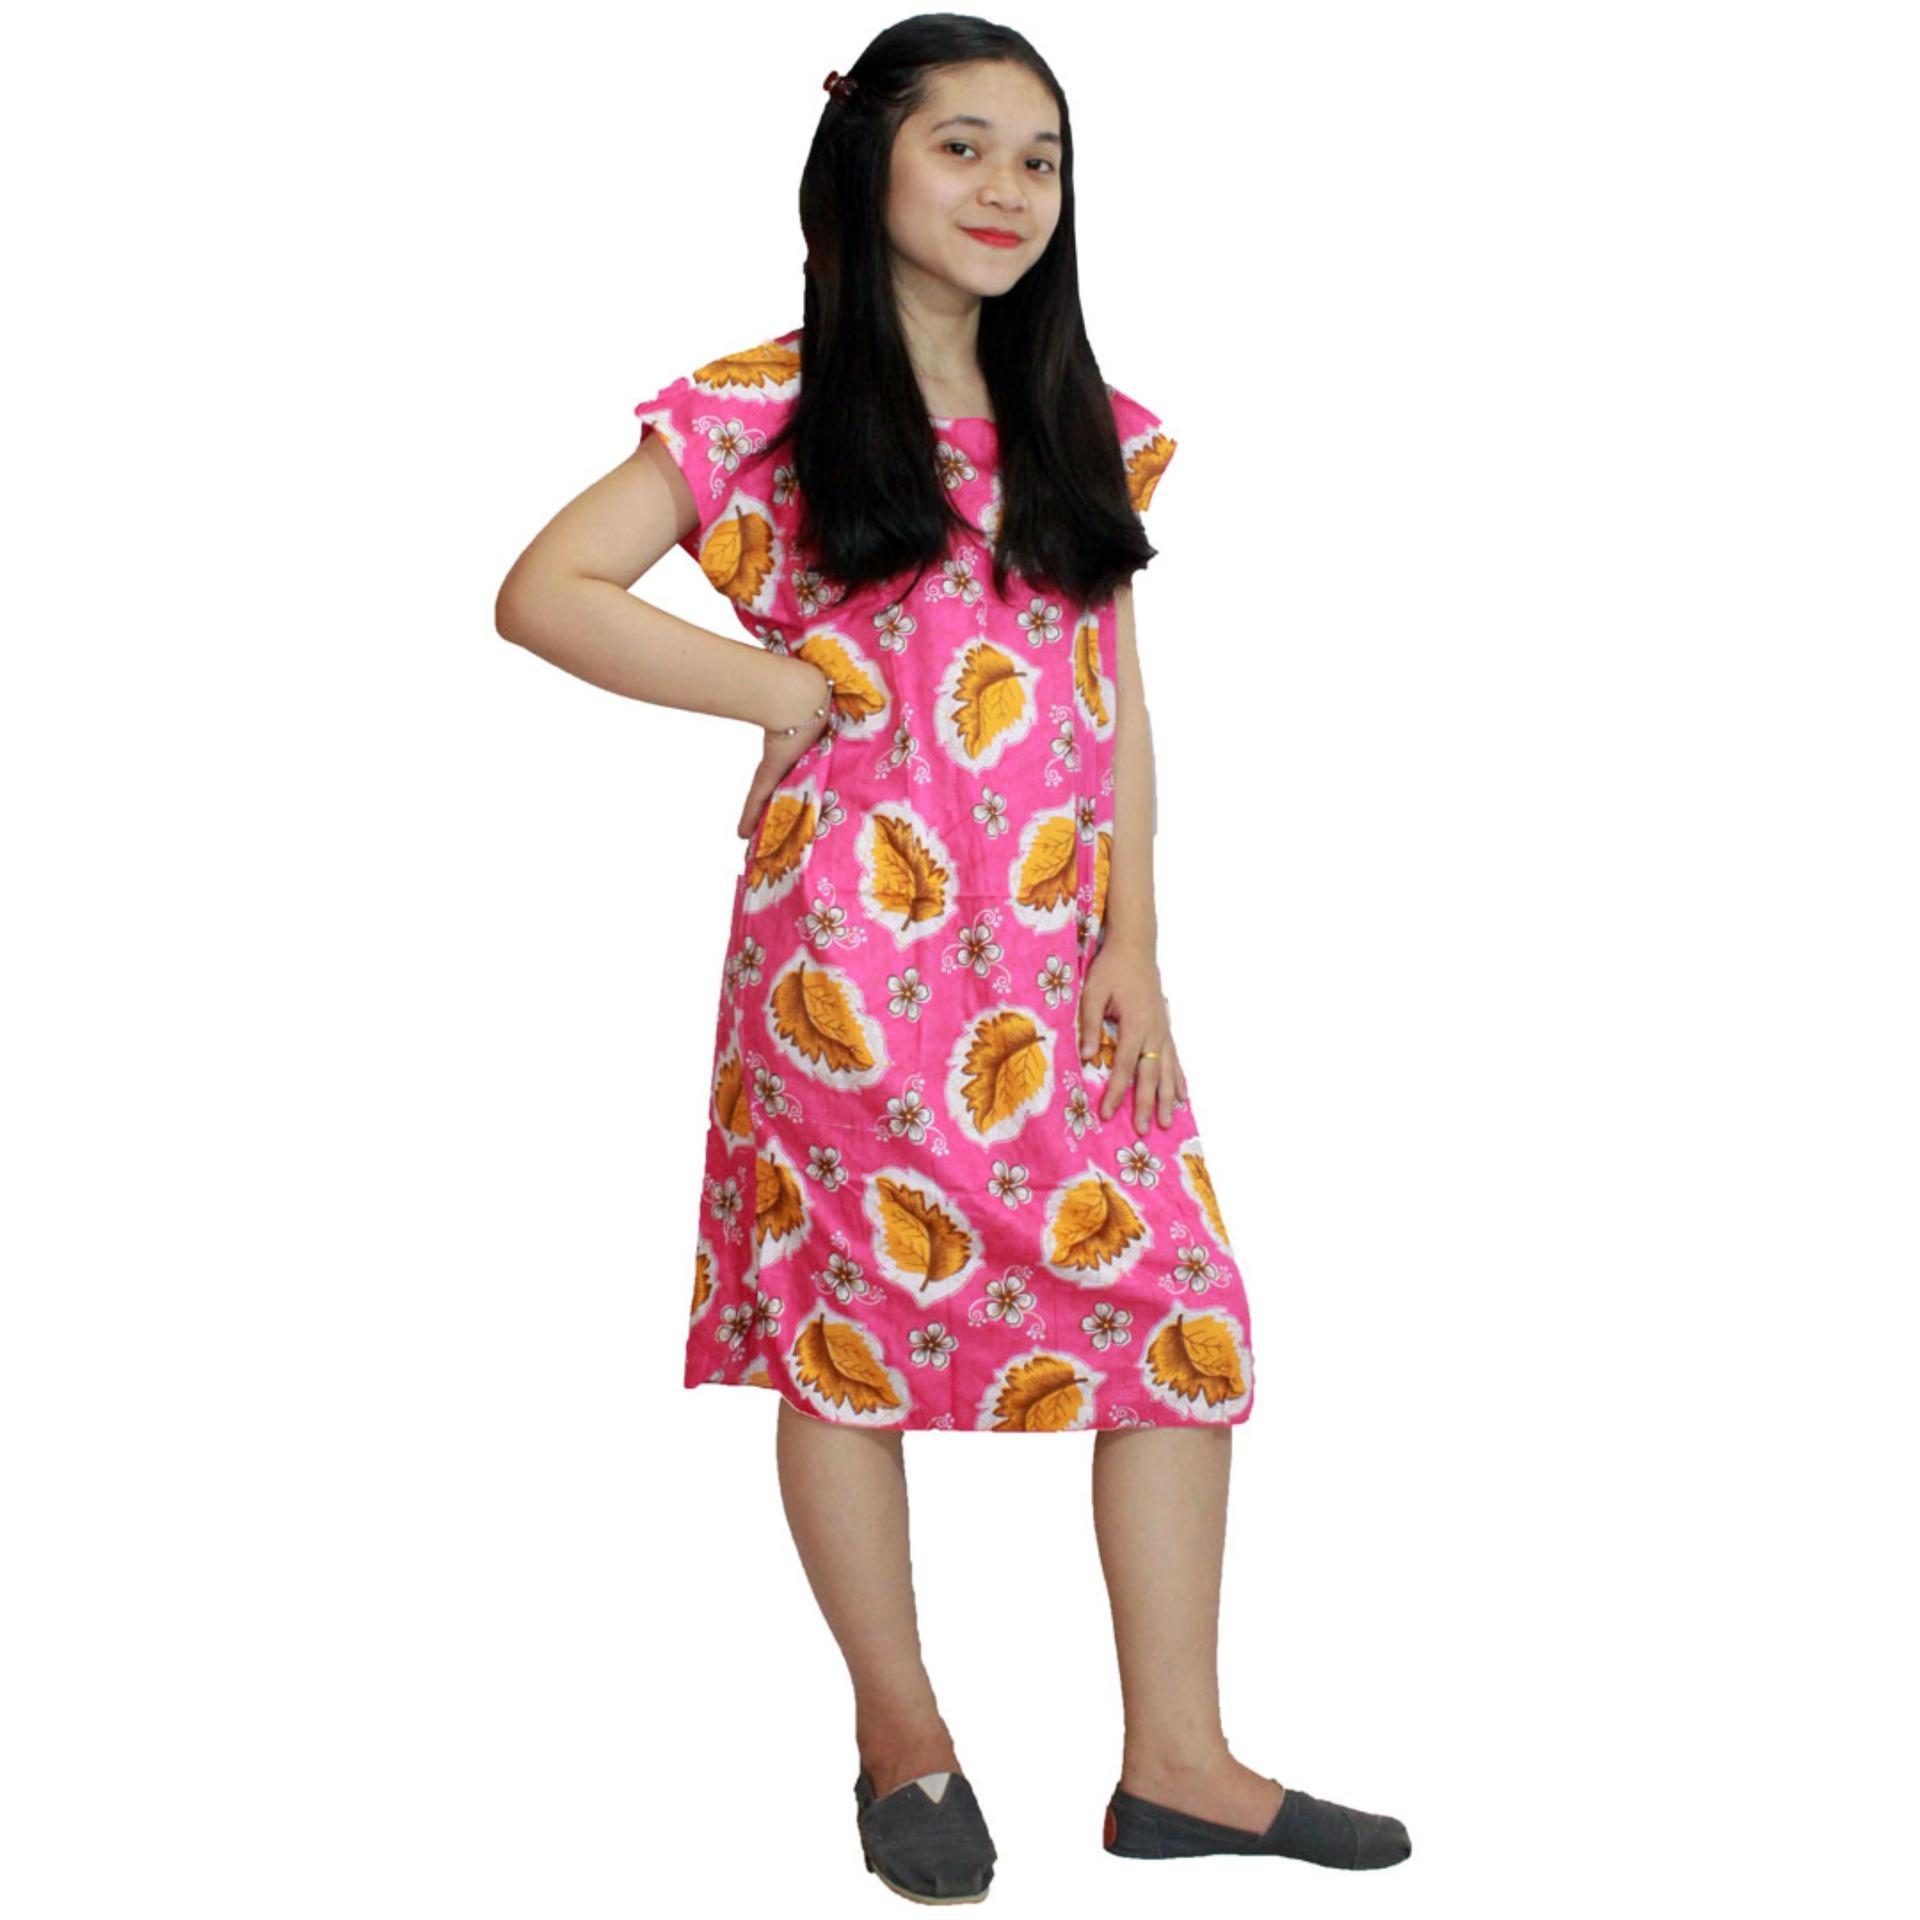 Murah Longdres Batik Daster Lengan Panjang Baju Tidur Longdress Midi Dress Santai Piyama Atasan